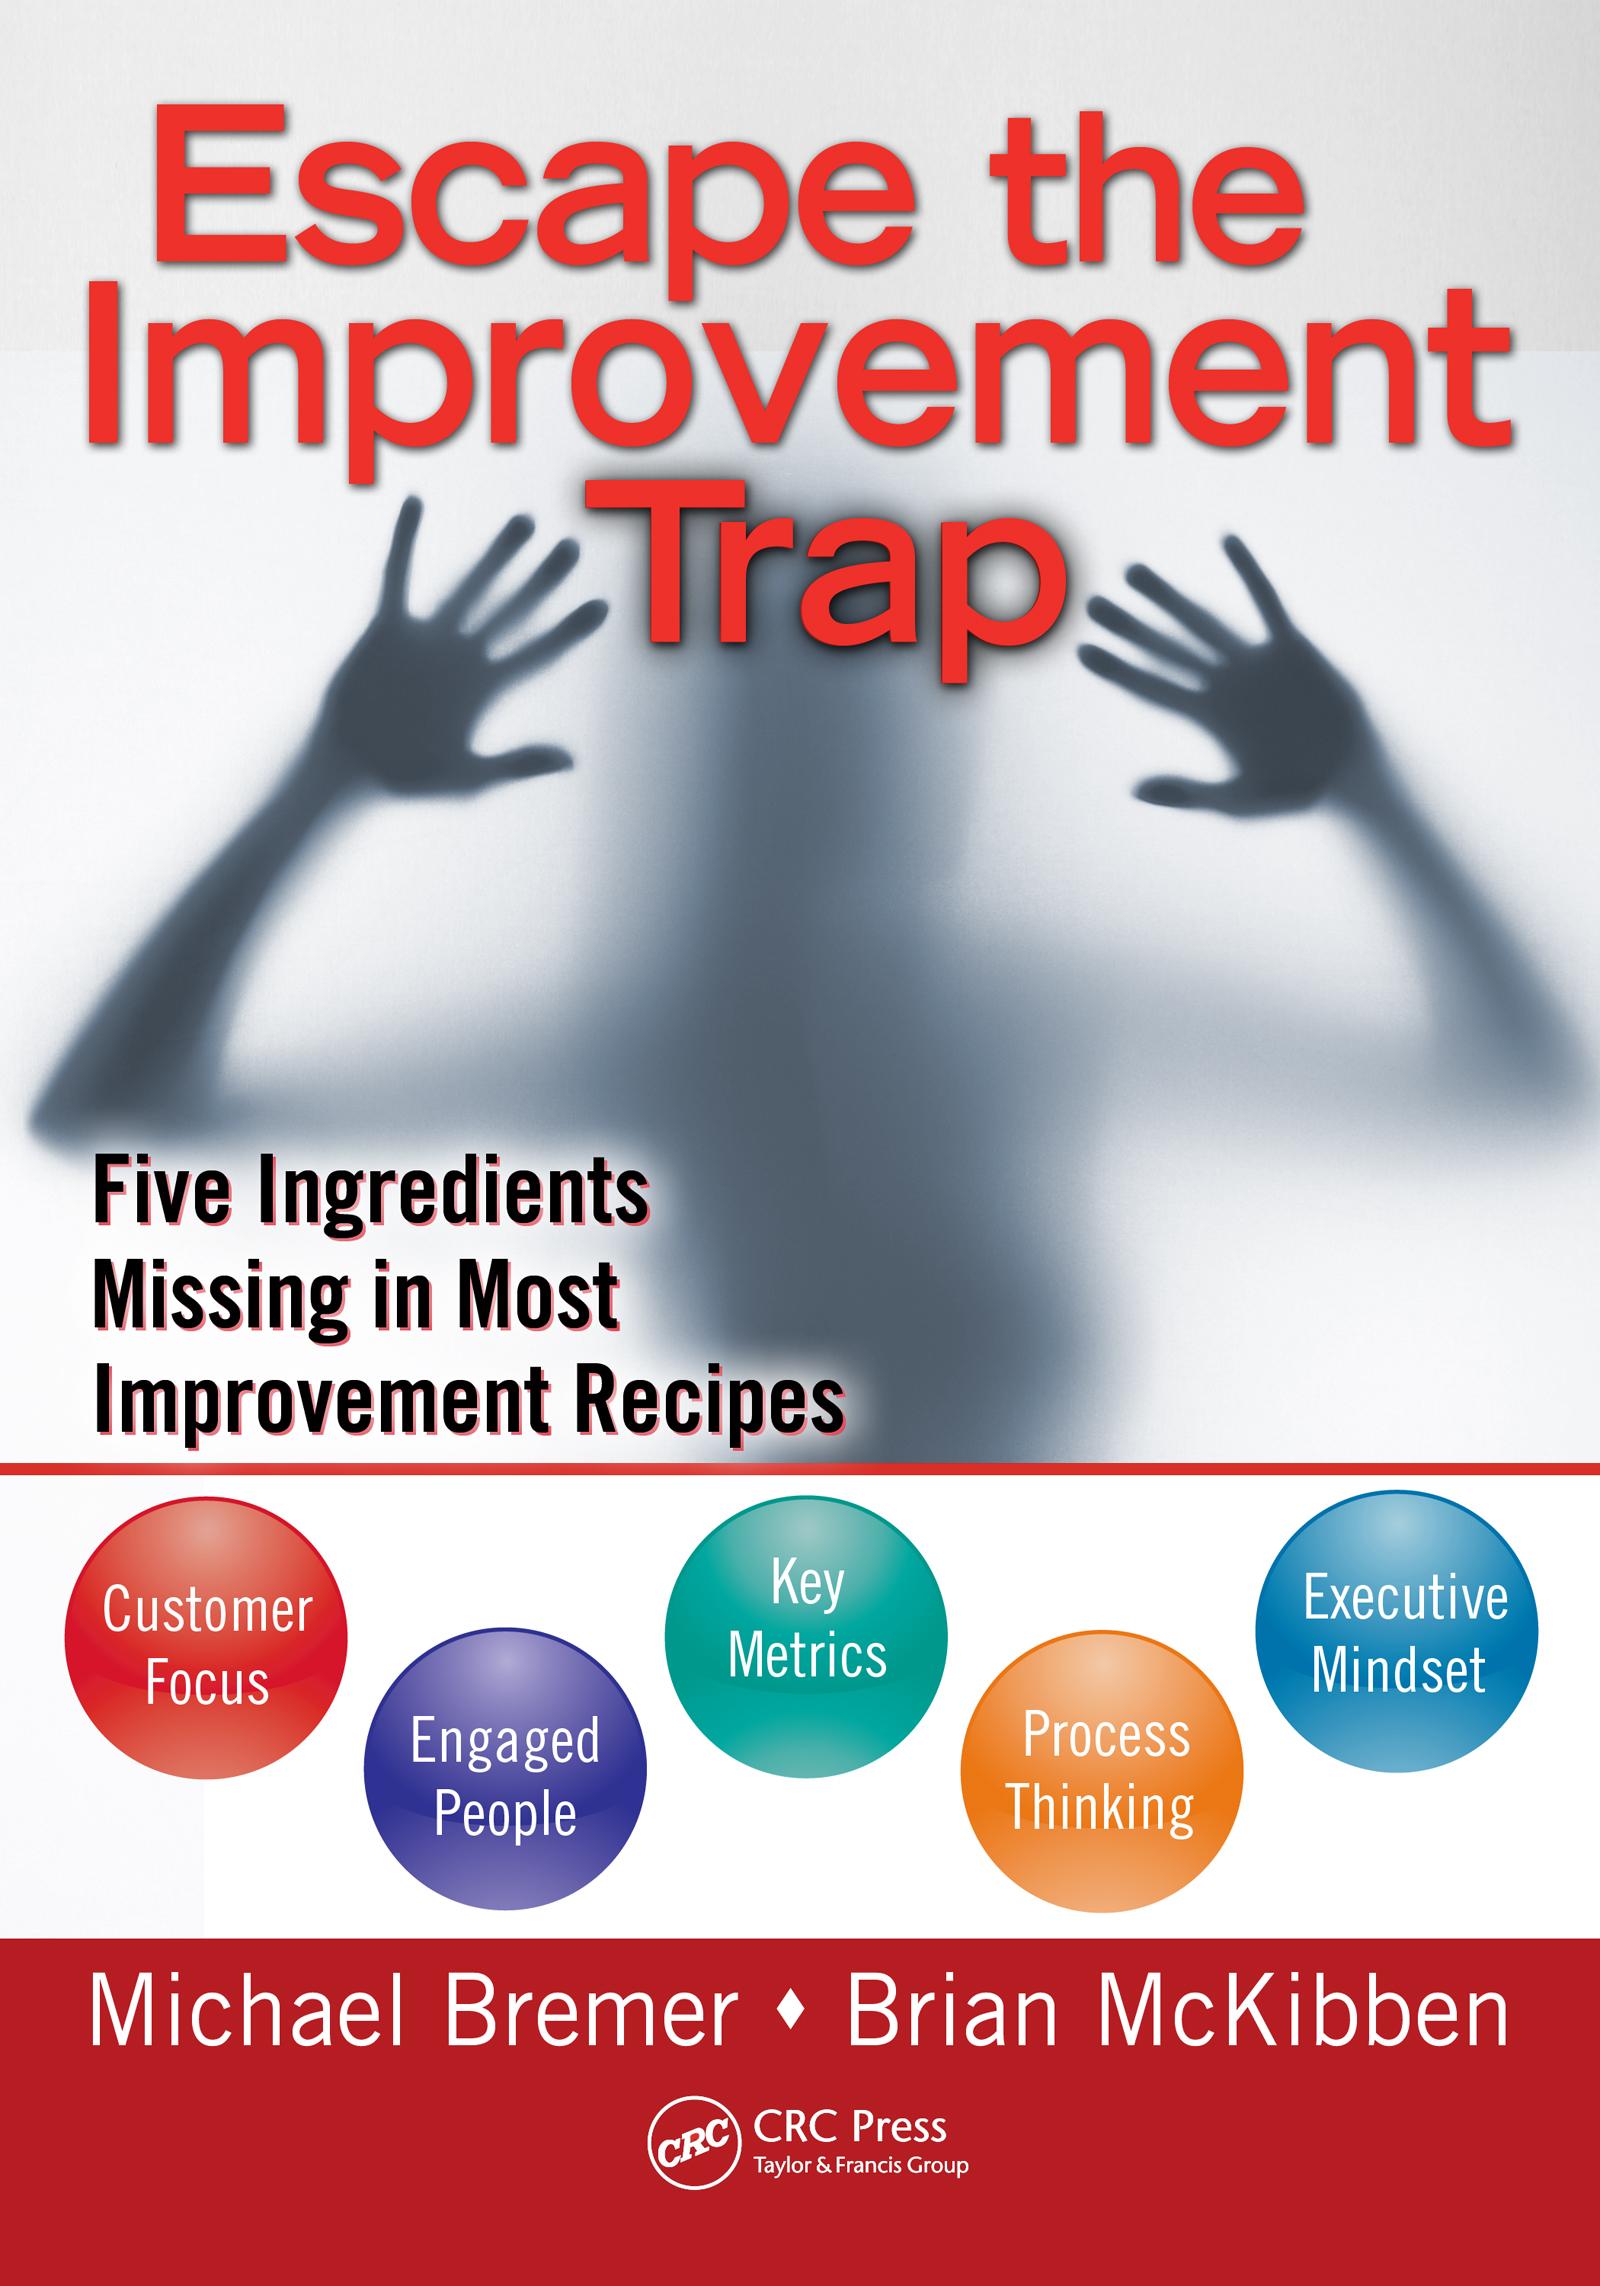 Download Ebook Escape the Improvement Trap by Michael Bremer Pdf